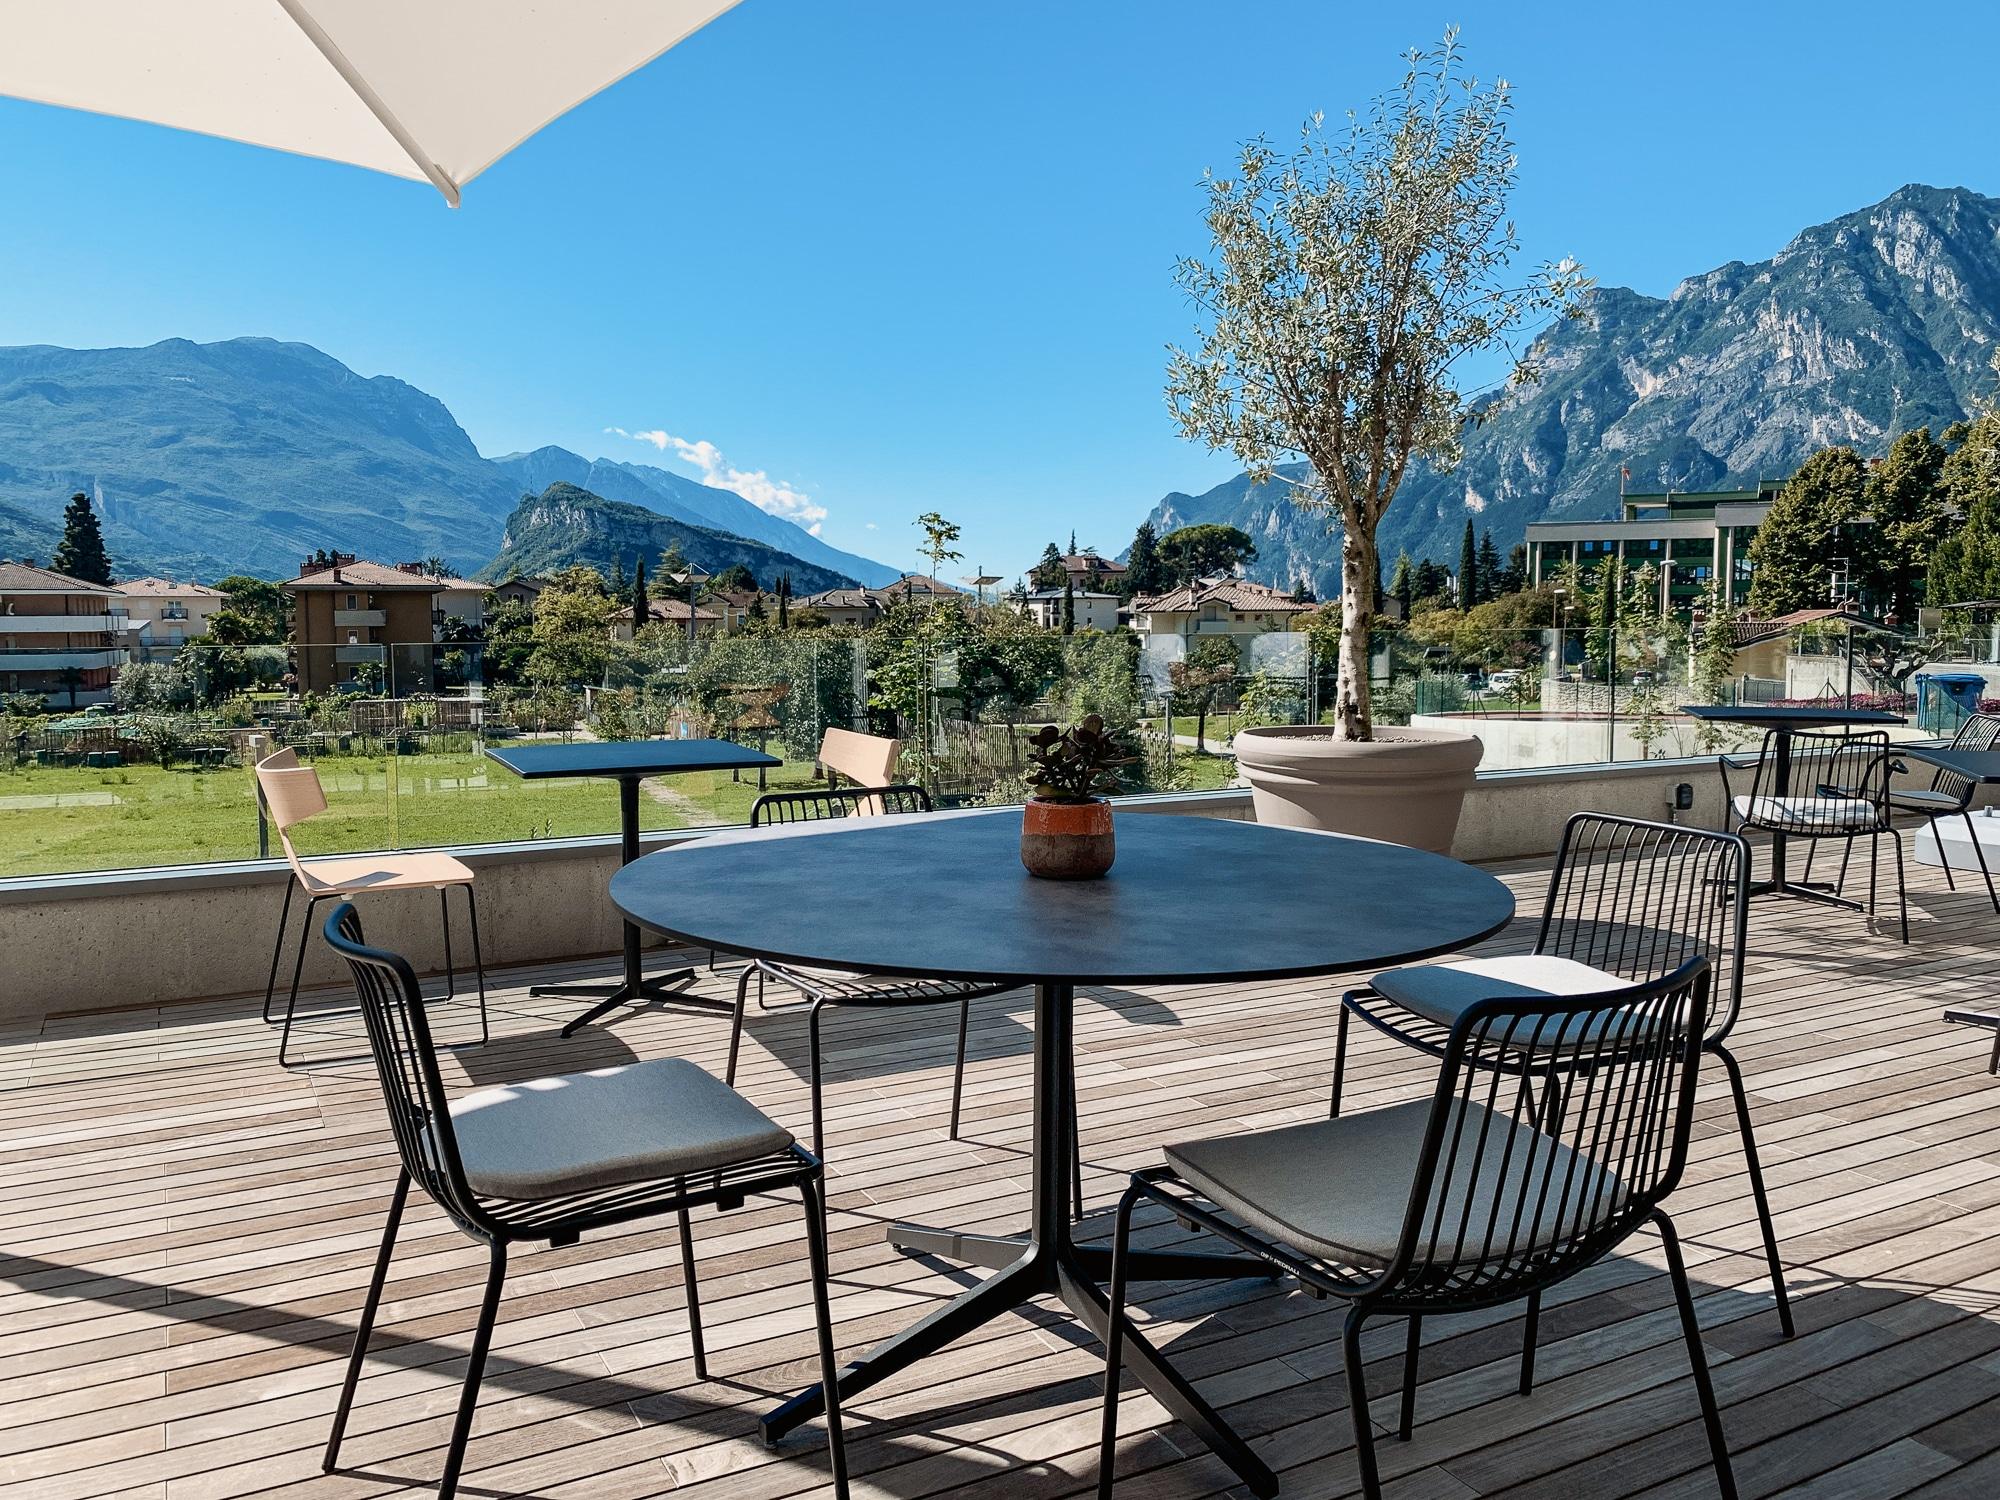 Hoody Hotel: Meine Erfahrungen im Gardasee Active & Happiness Hotel - Frühstück